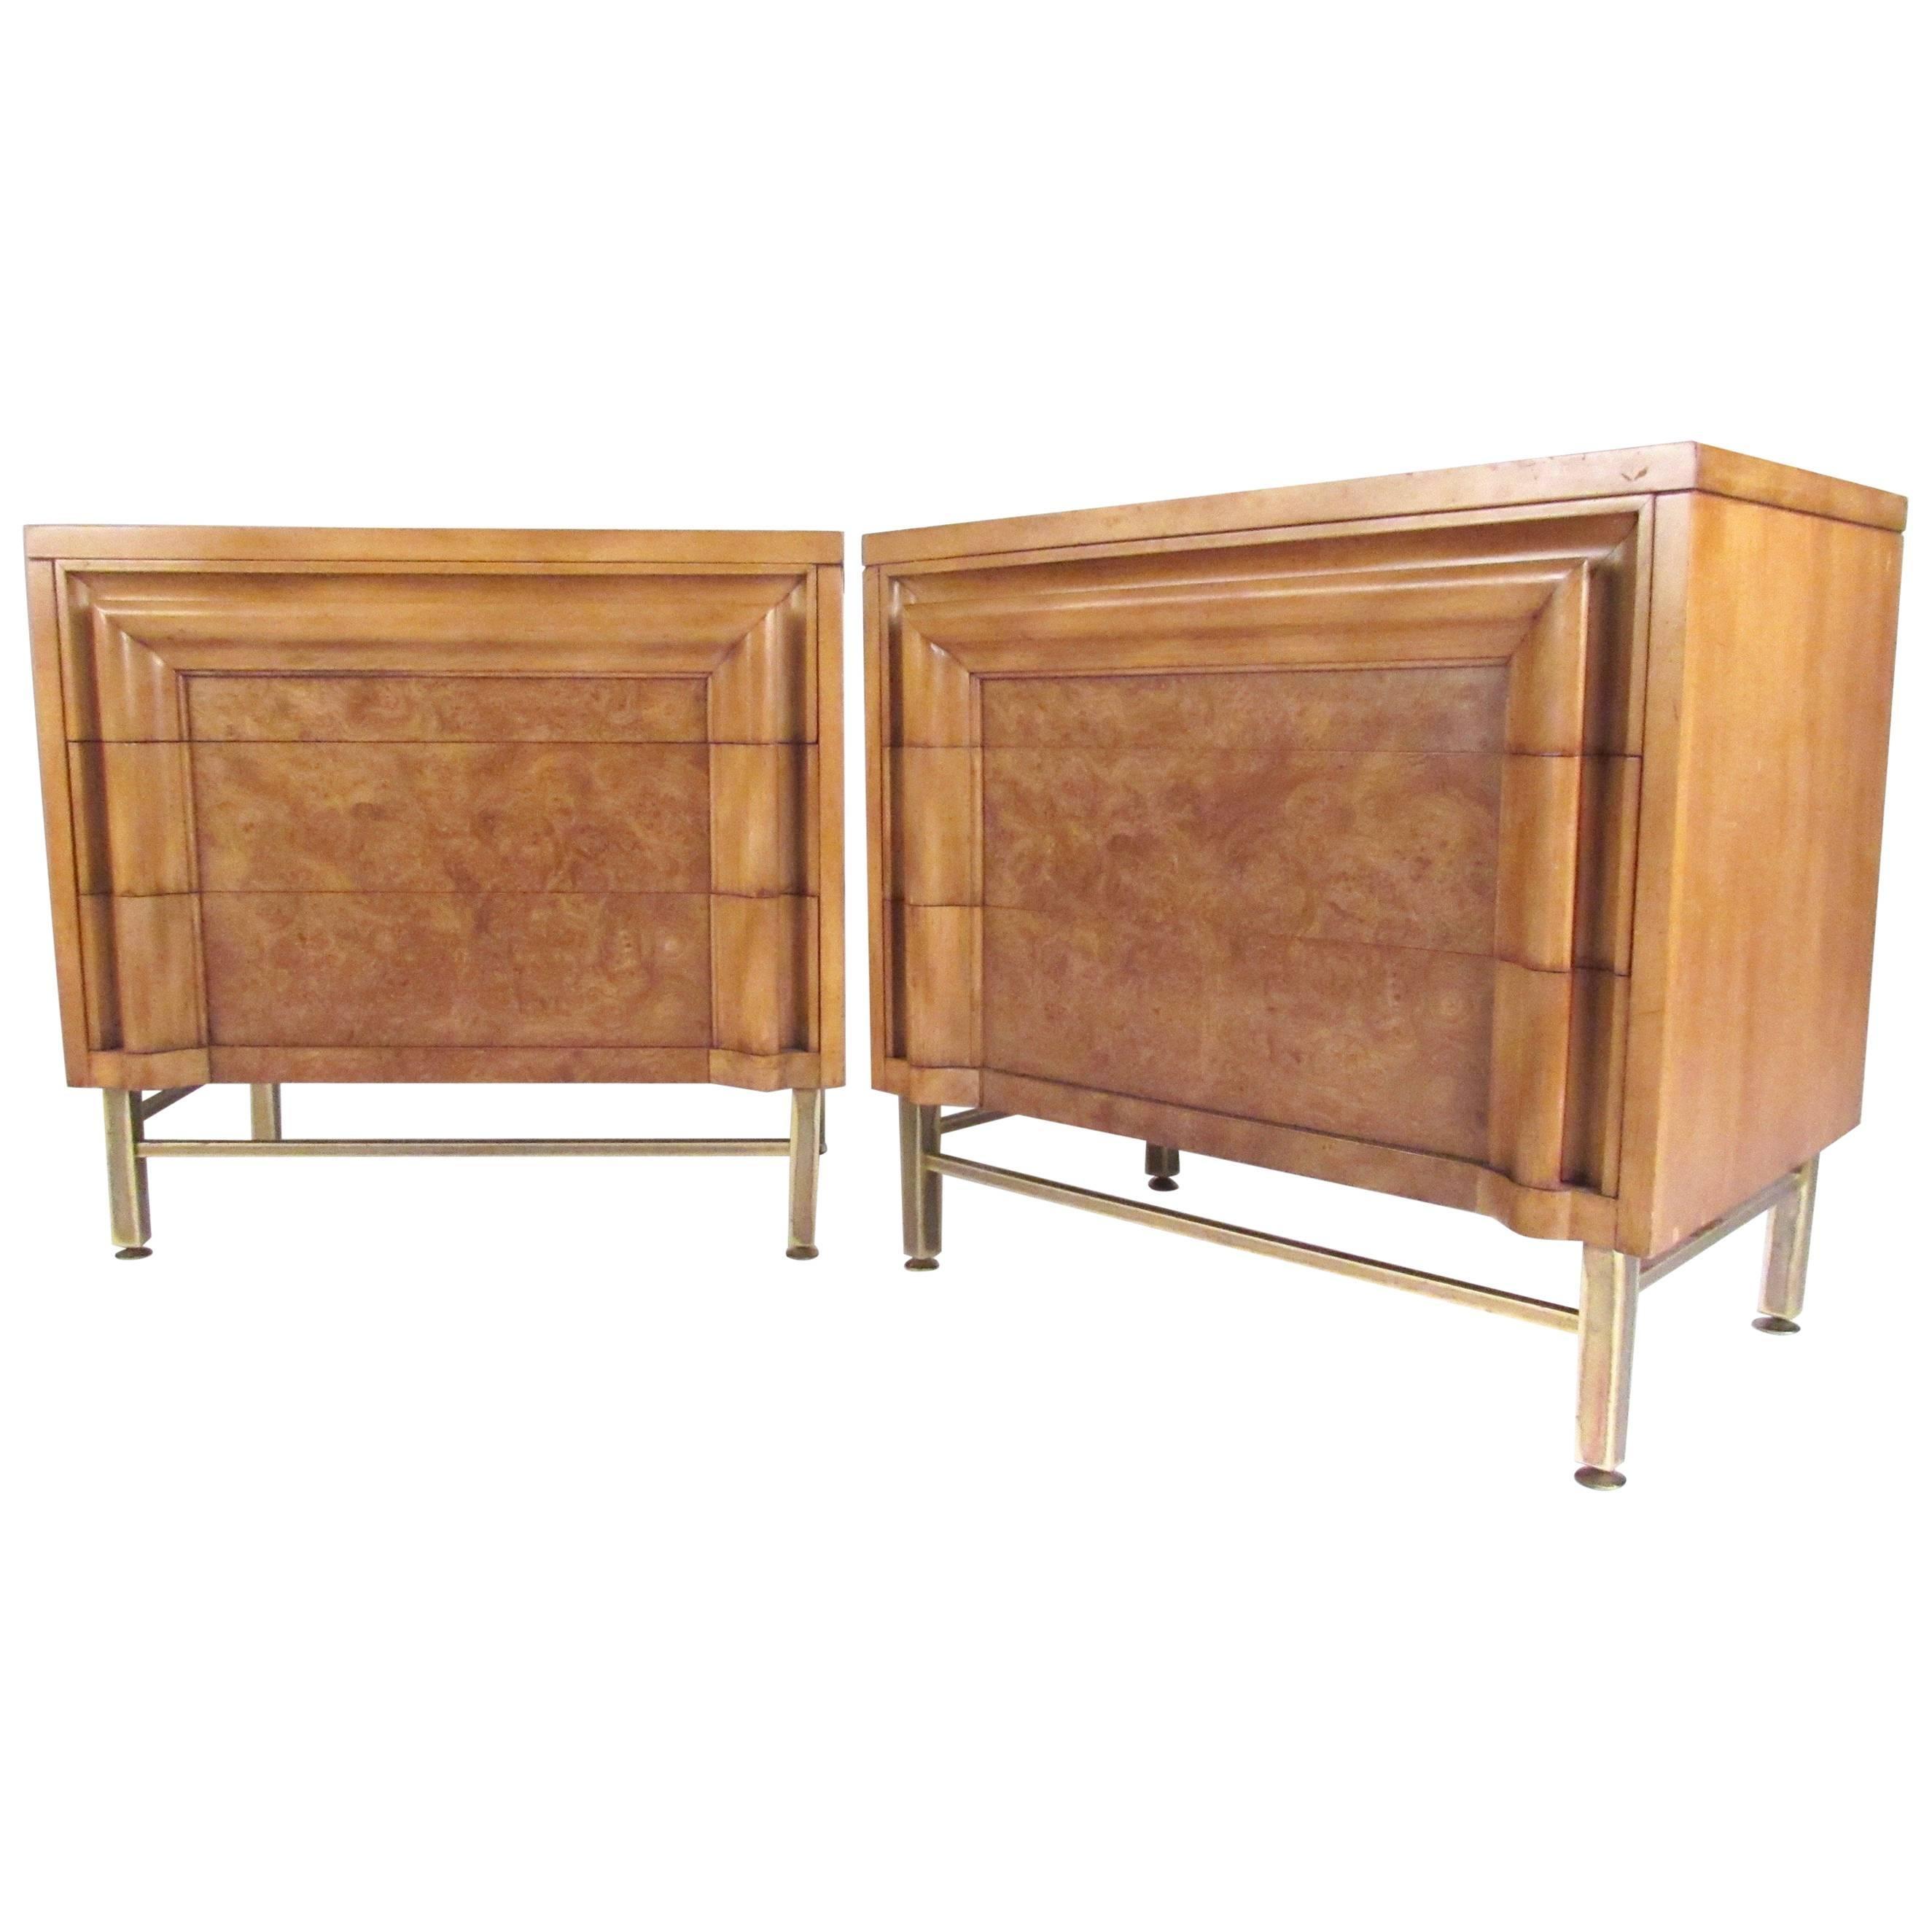 Pair of Vintage Modern Burl Wood Nightstands